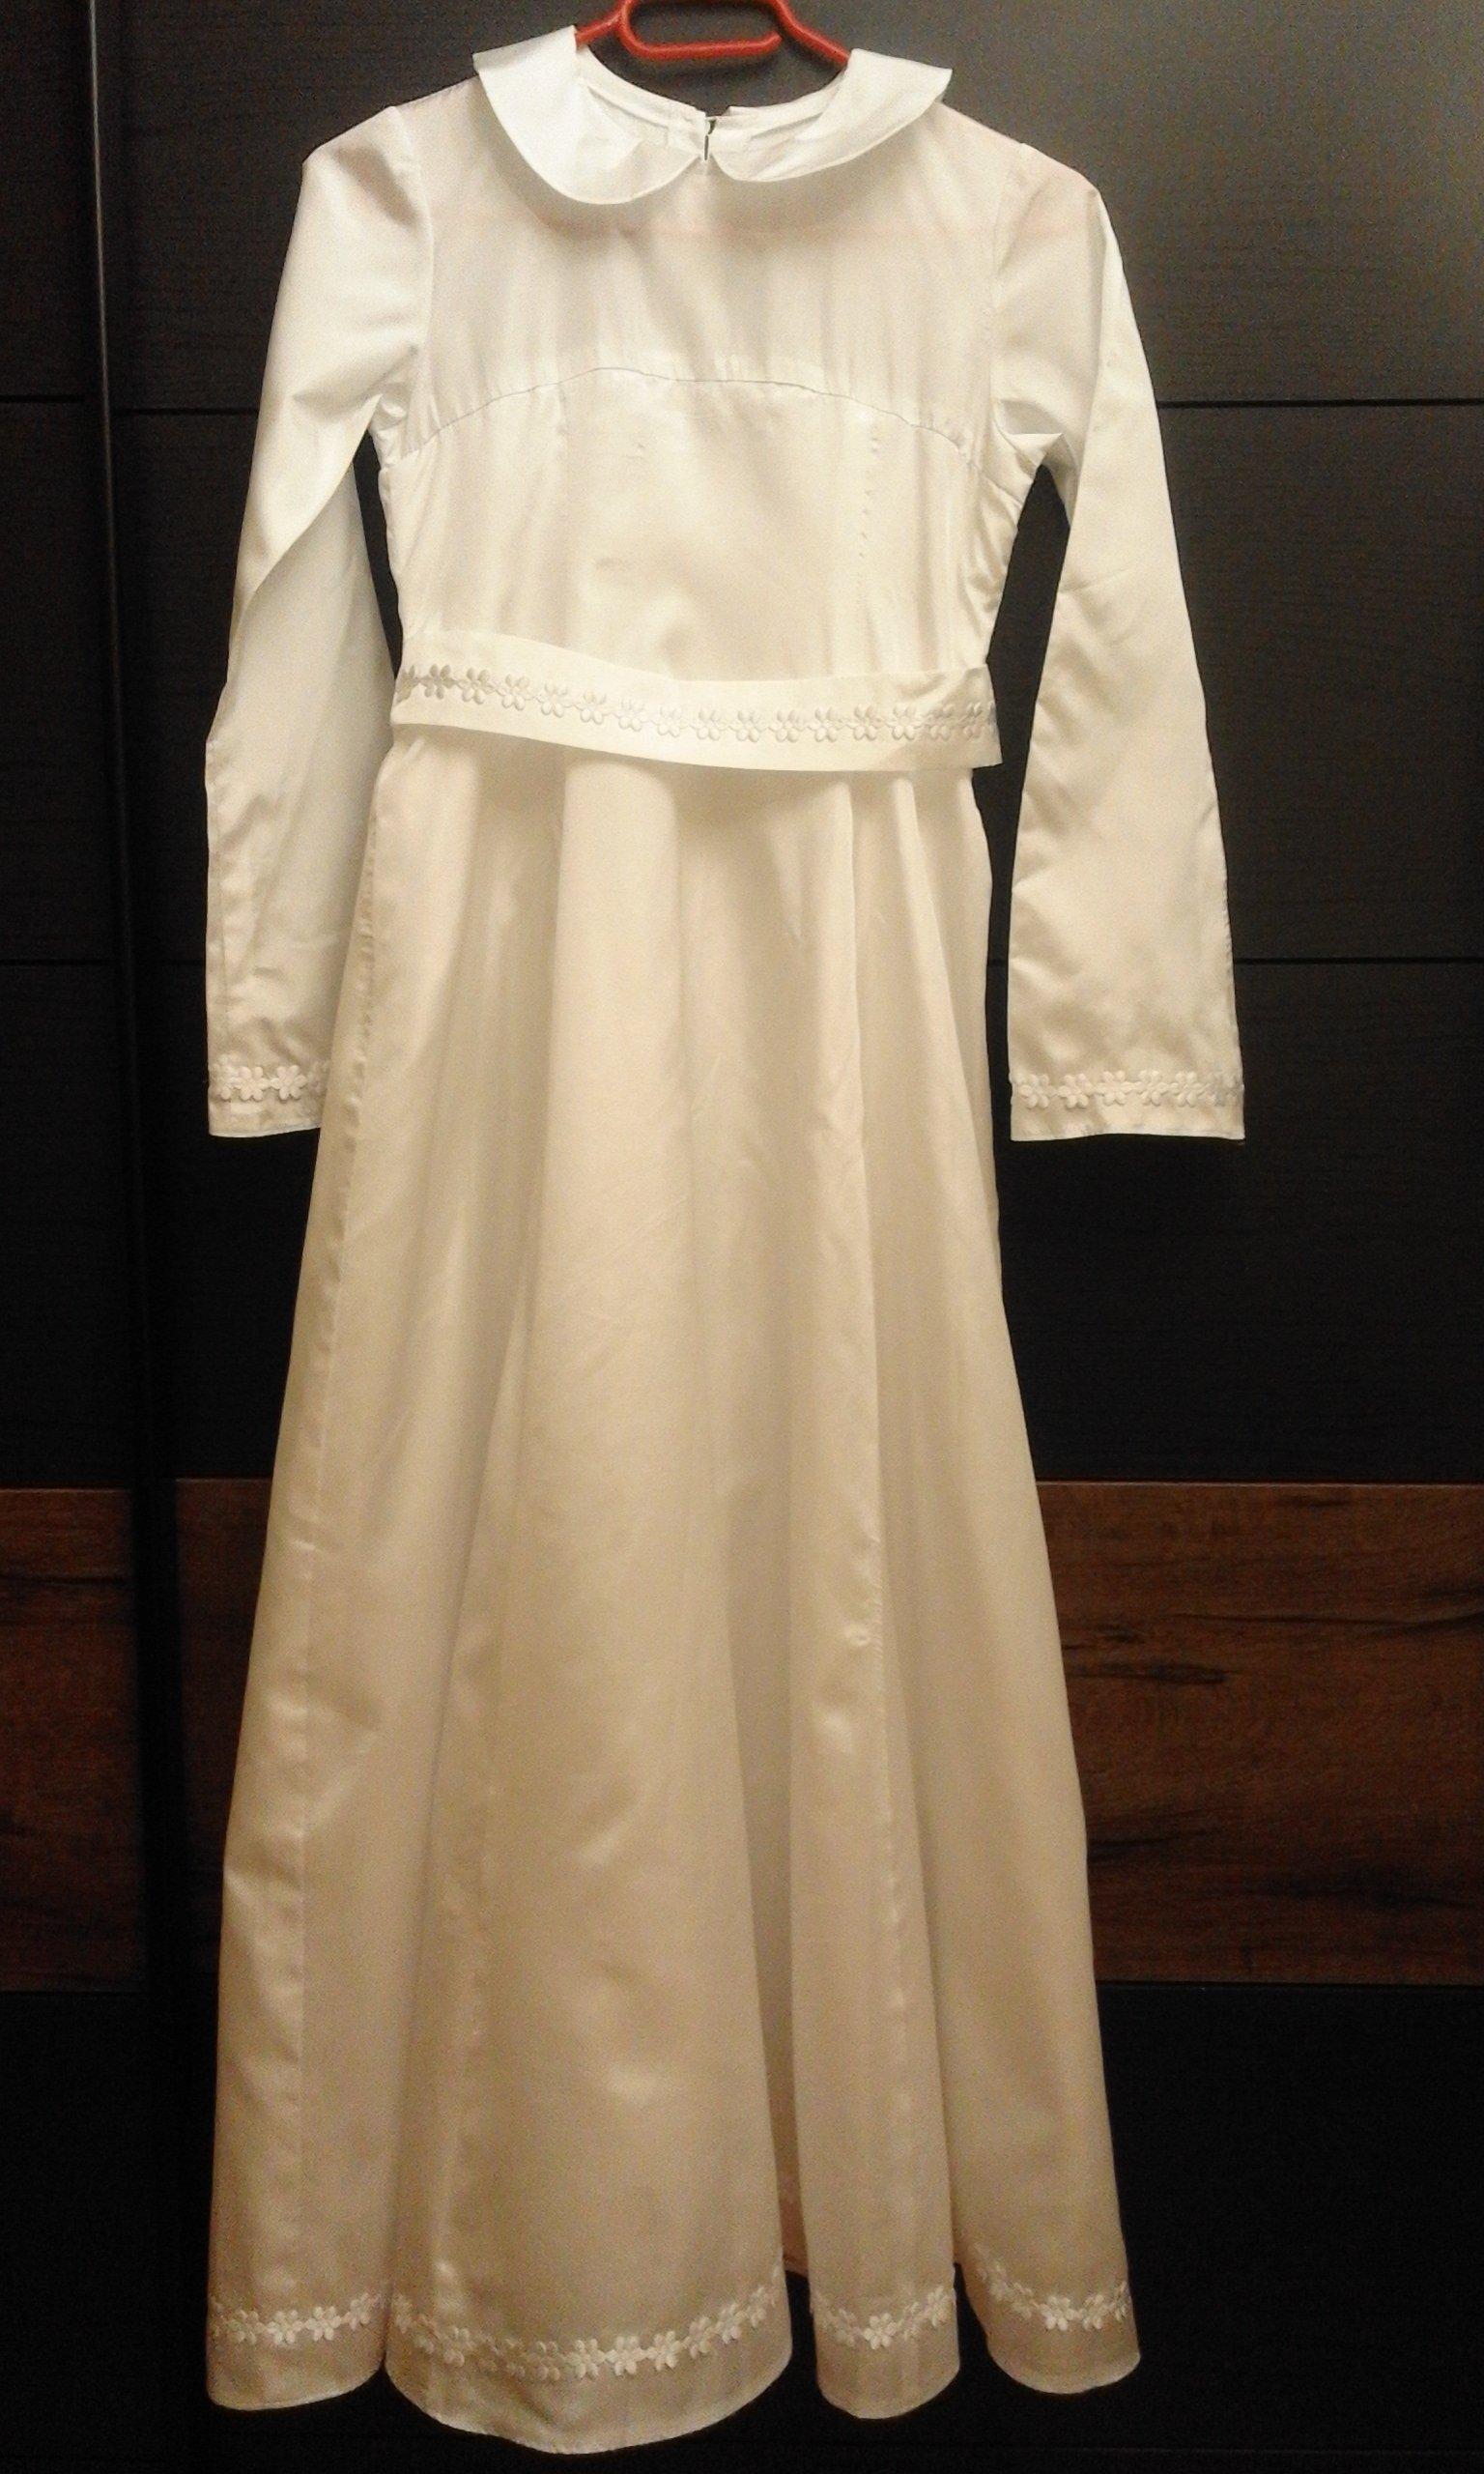 23f1abe4b2 sukienka biała rozmiar ok.140cm - 7280557146 - oficjalne archiwum allegro